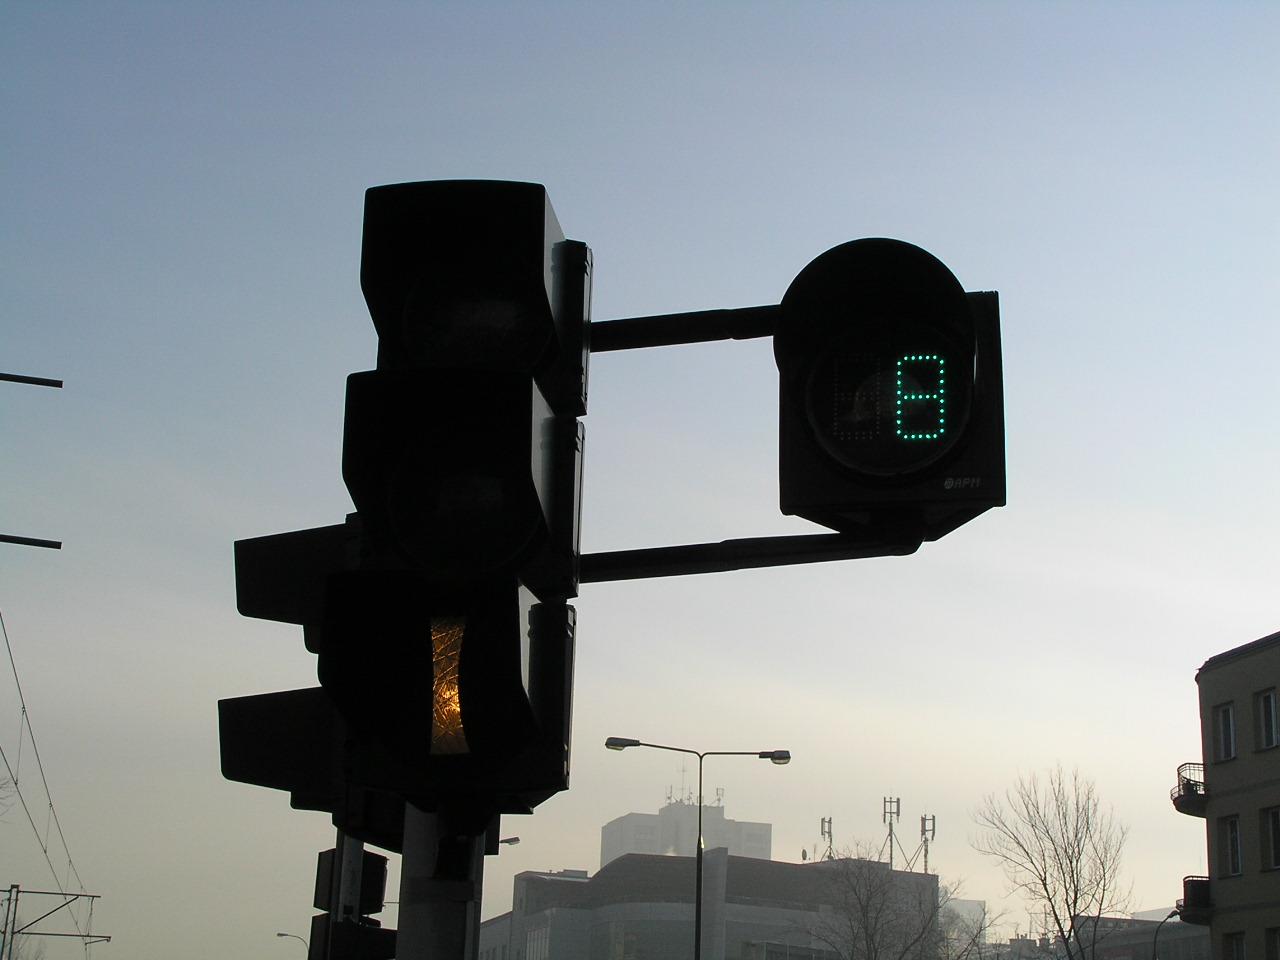 Z Grochowskiej zniknęły sekundniki - były niezgodne z prawem